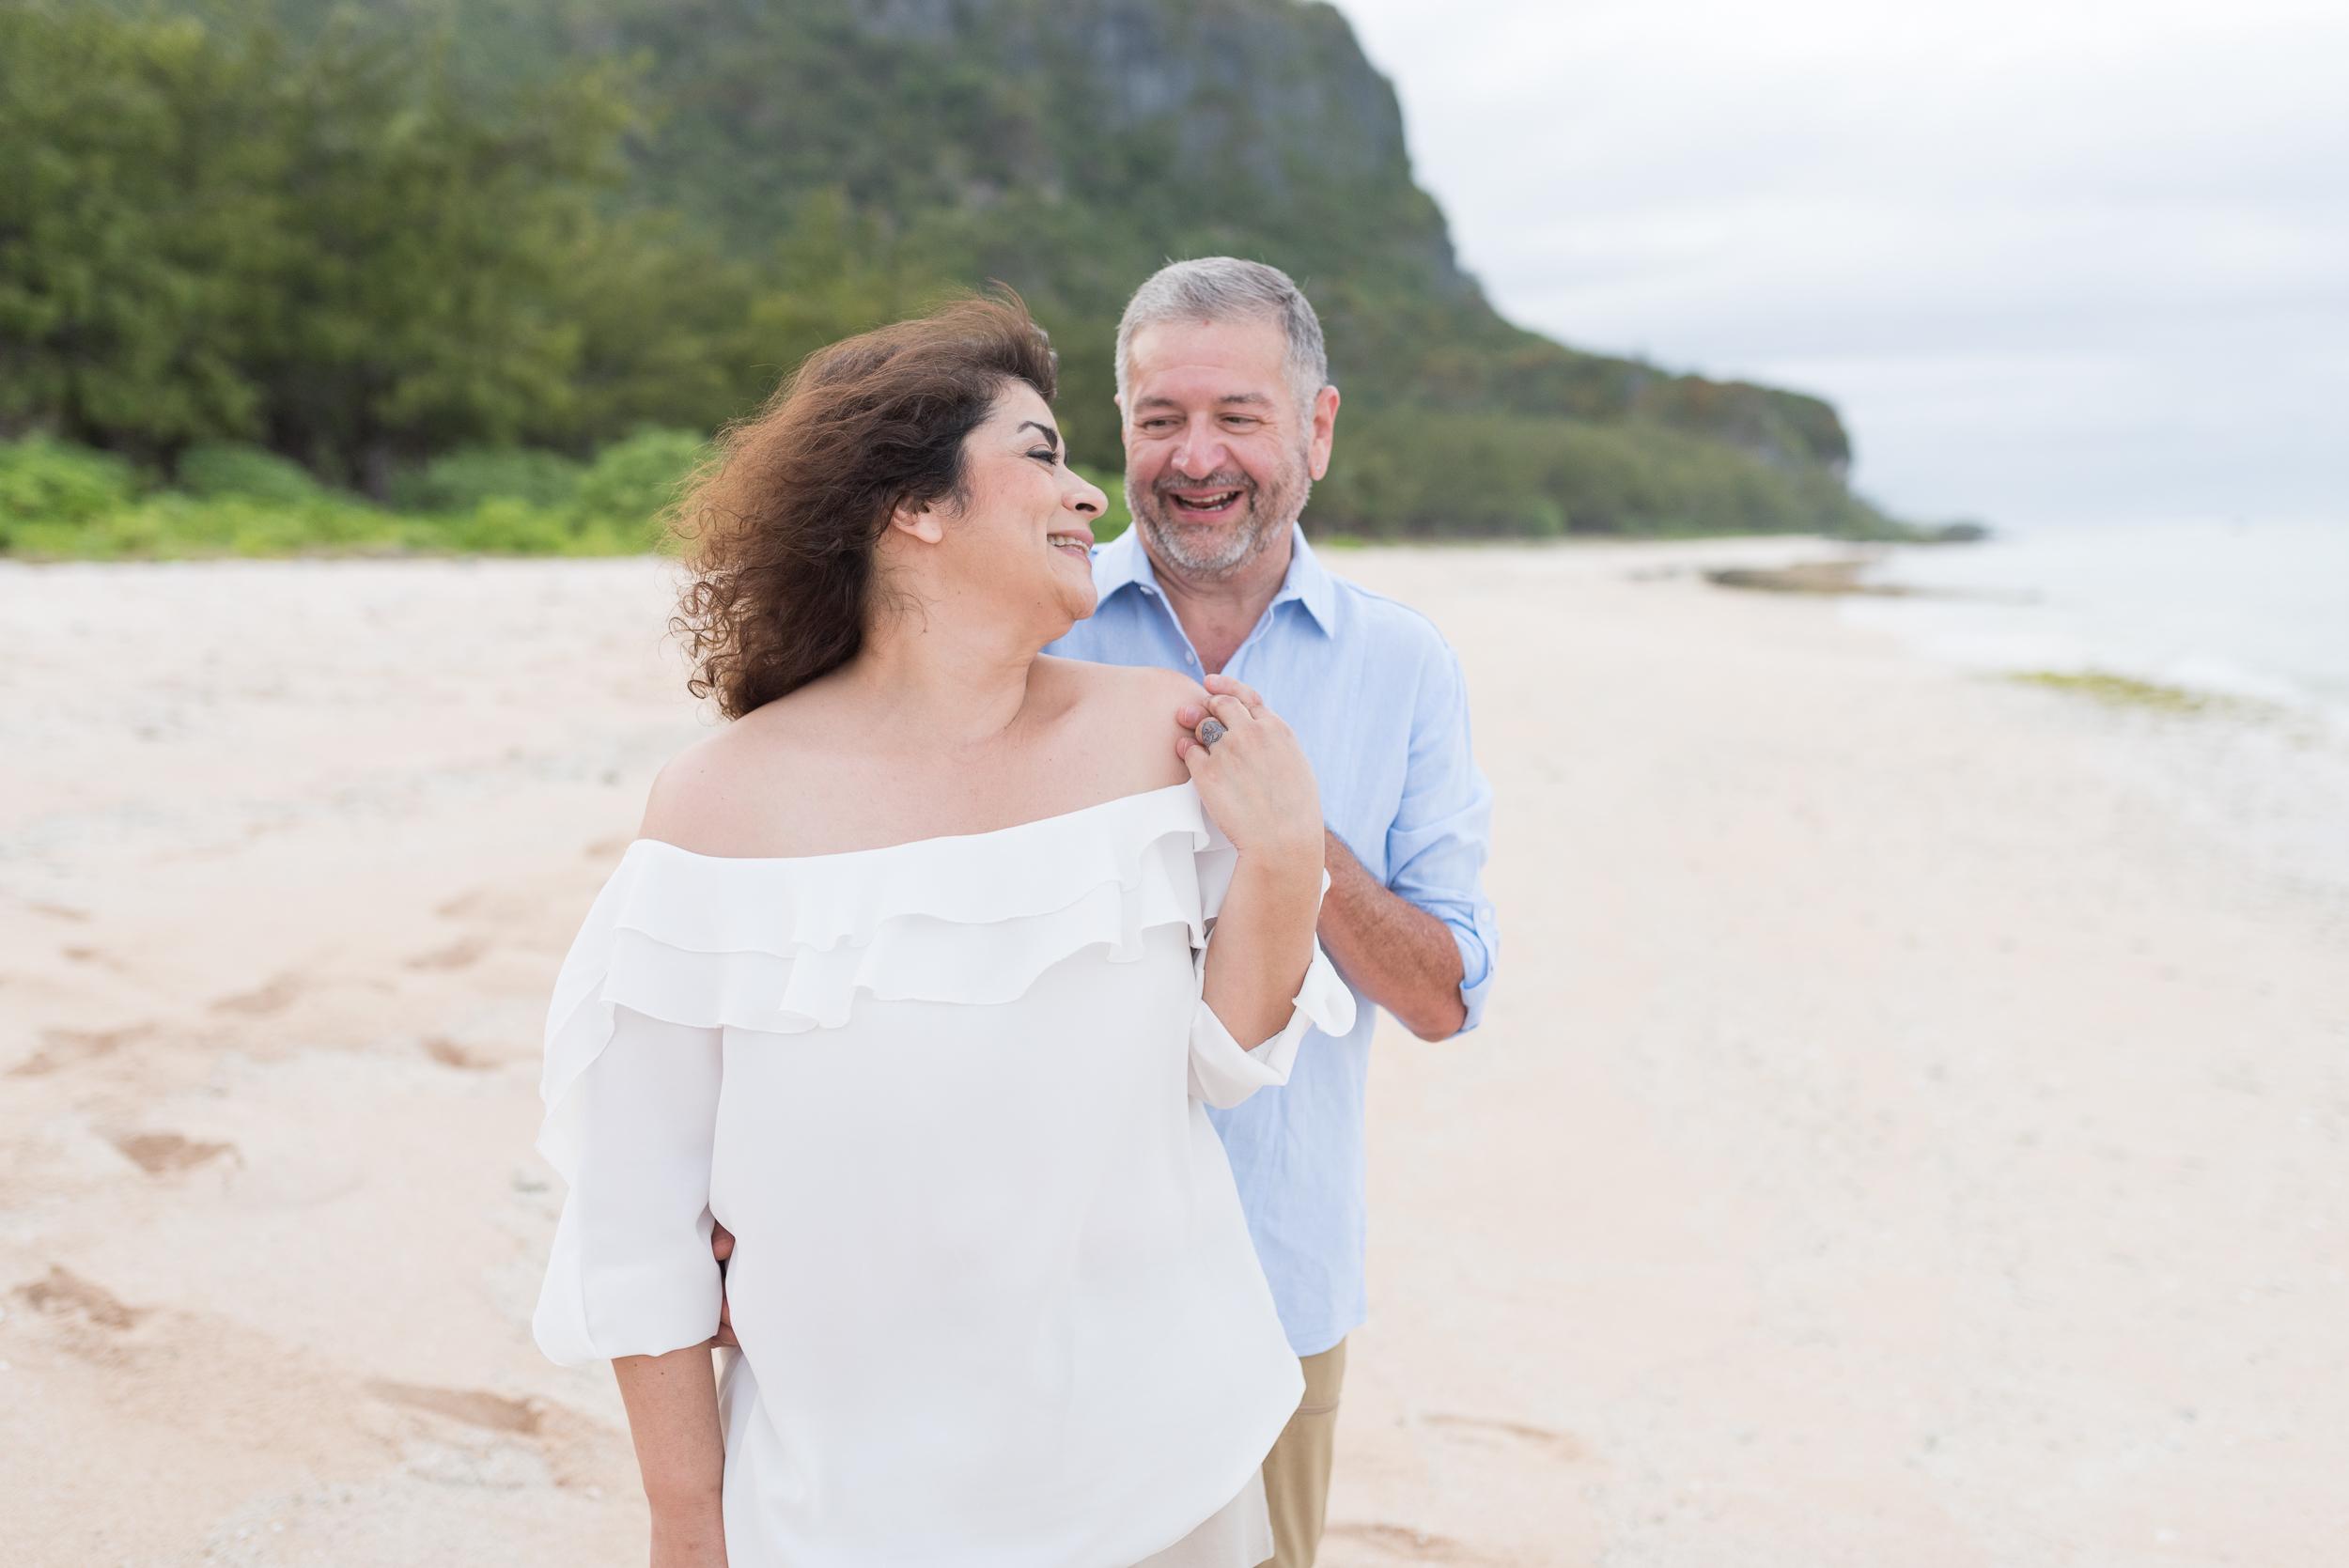 CouplesSessionTaragueGuamPhotographer-ROXANNEAUGUSTA-4.jpg